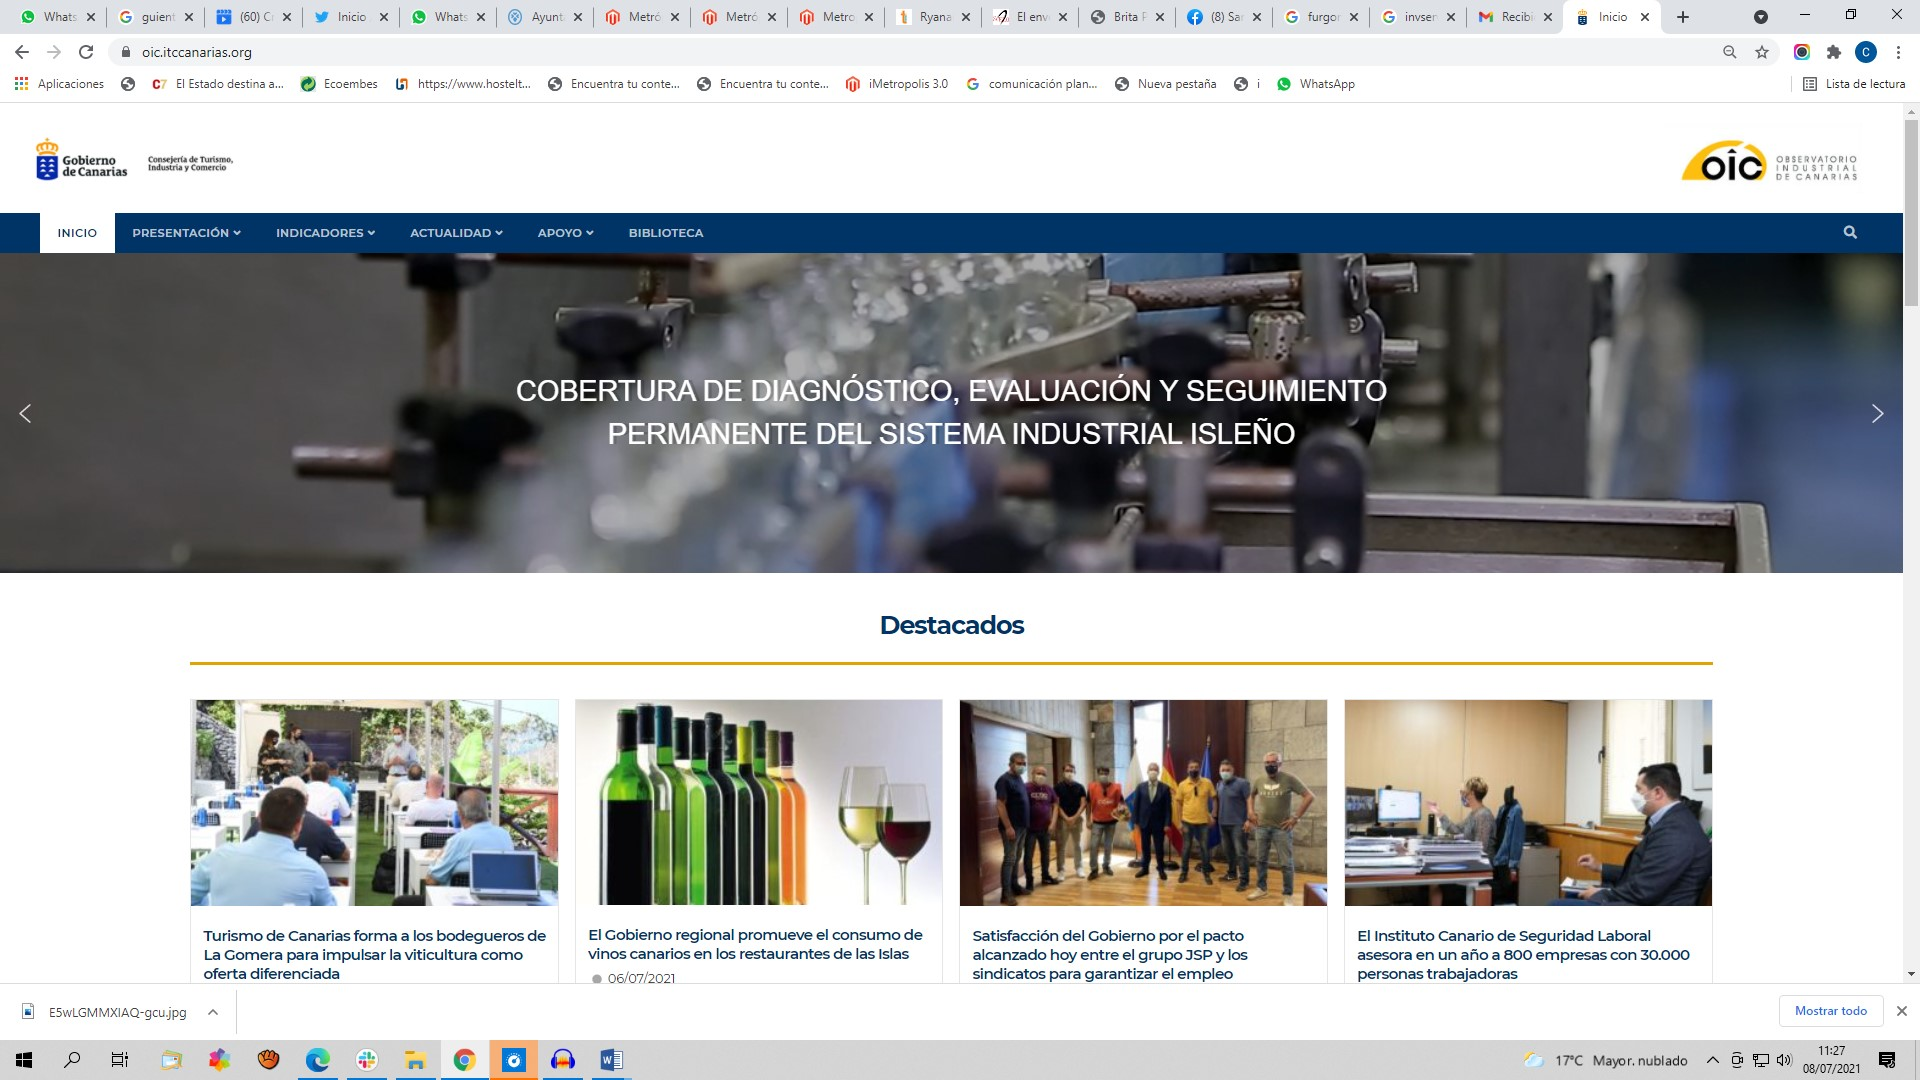 Nueva web OIC.